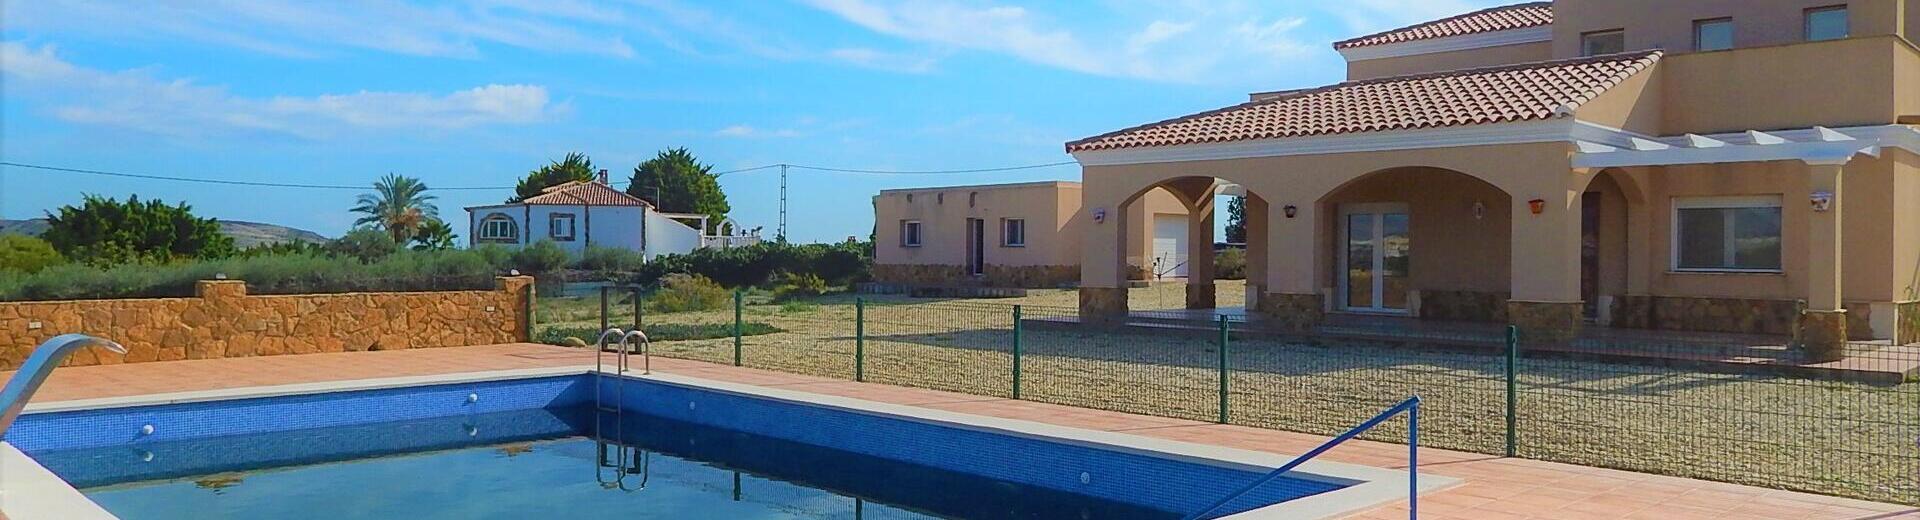 VIP7658: Villa en Venta